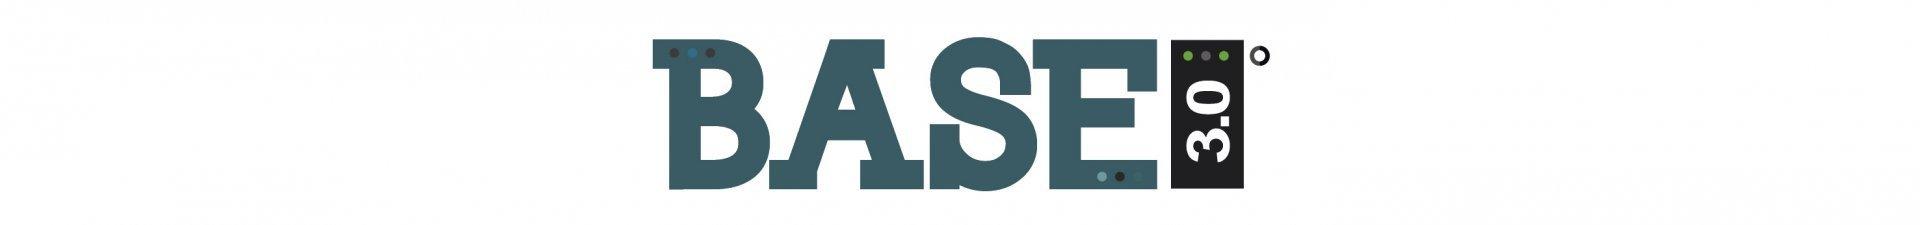 BASE 3.0